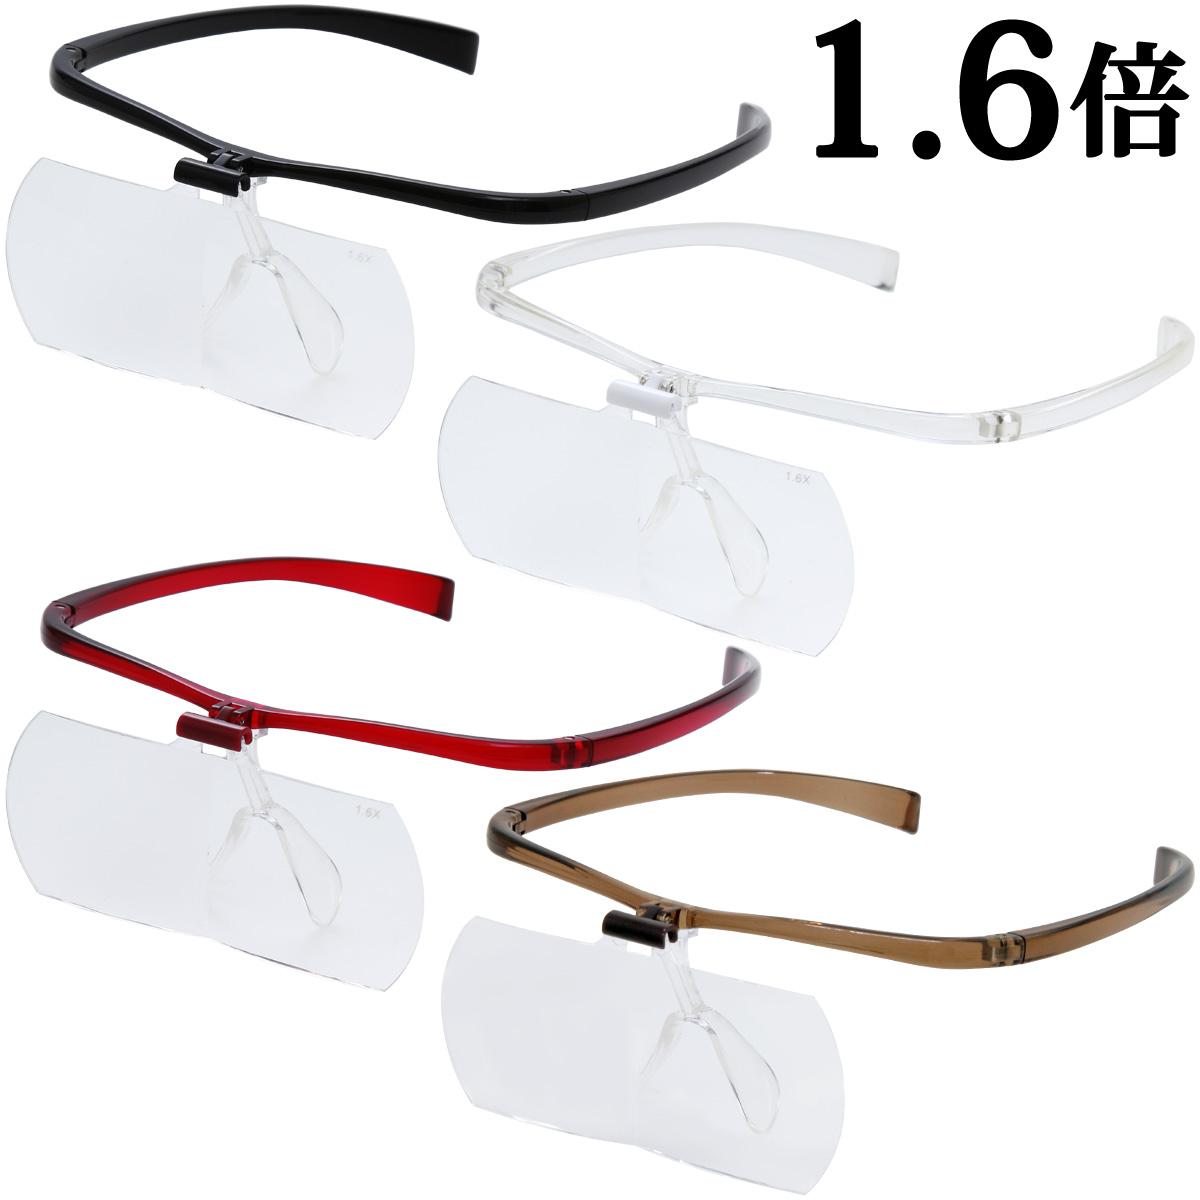 双眼メガネルーペ メガネタイプ 1.6倍 HF-61D メガネ型ルーペ 跳ね上げ メガネの上から クリアルーペ 手芸 拡大鏡 読書 模型 まつげエクステ 池田レンズ アウトレット